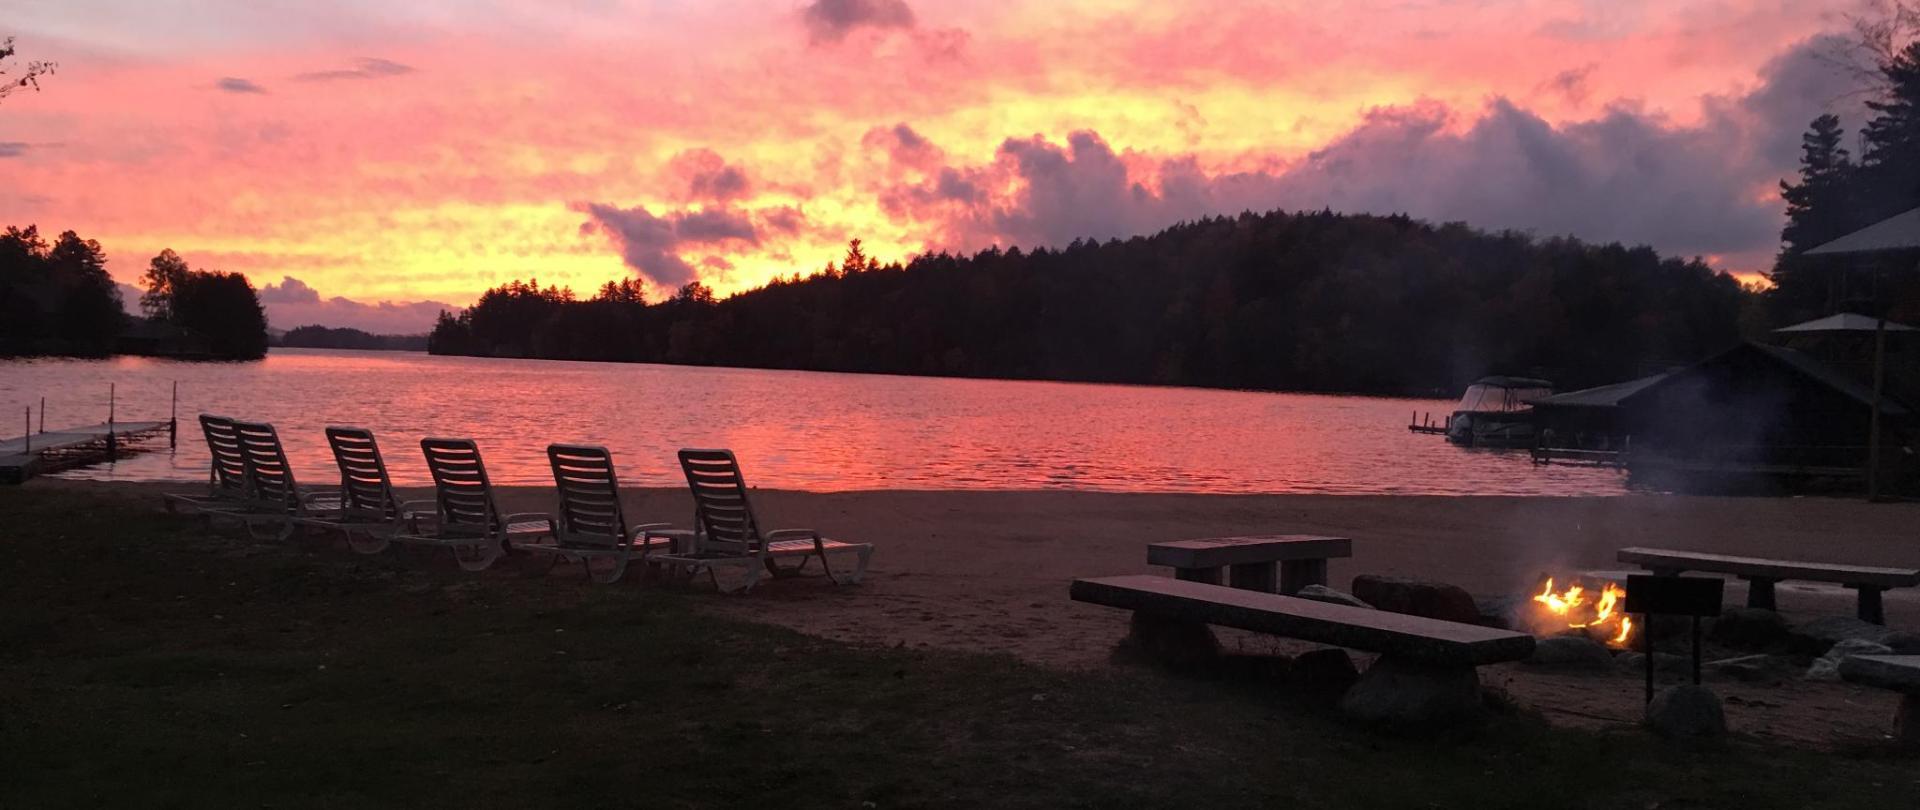 sunset.beach.fire.JPG